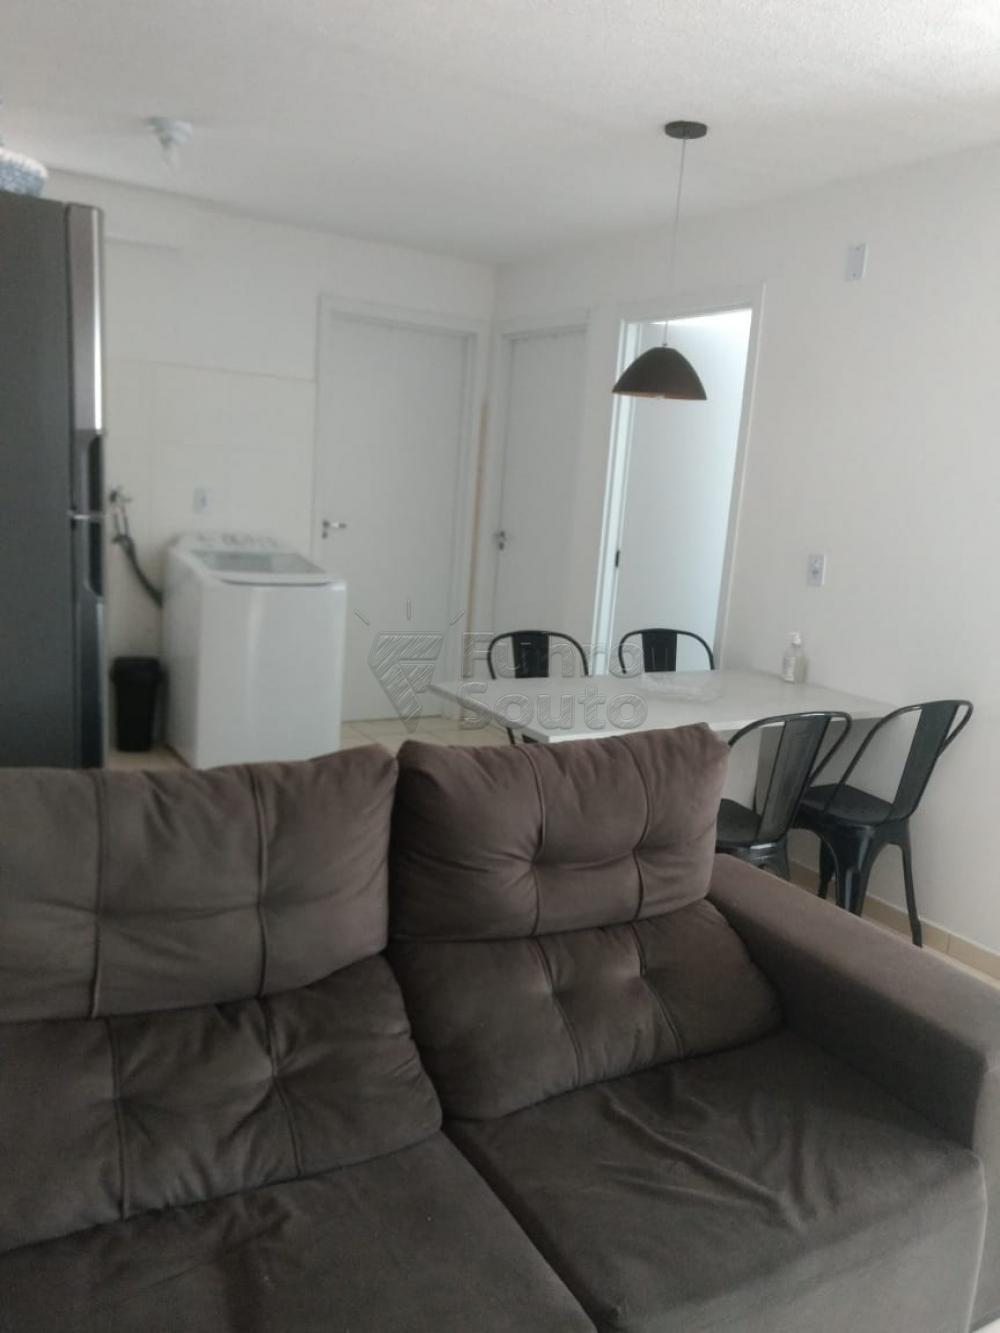 Comprar Apartamento / Padrão em Pelotas R$ 130.000,00 - Foto 3